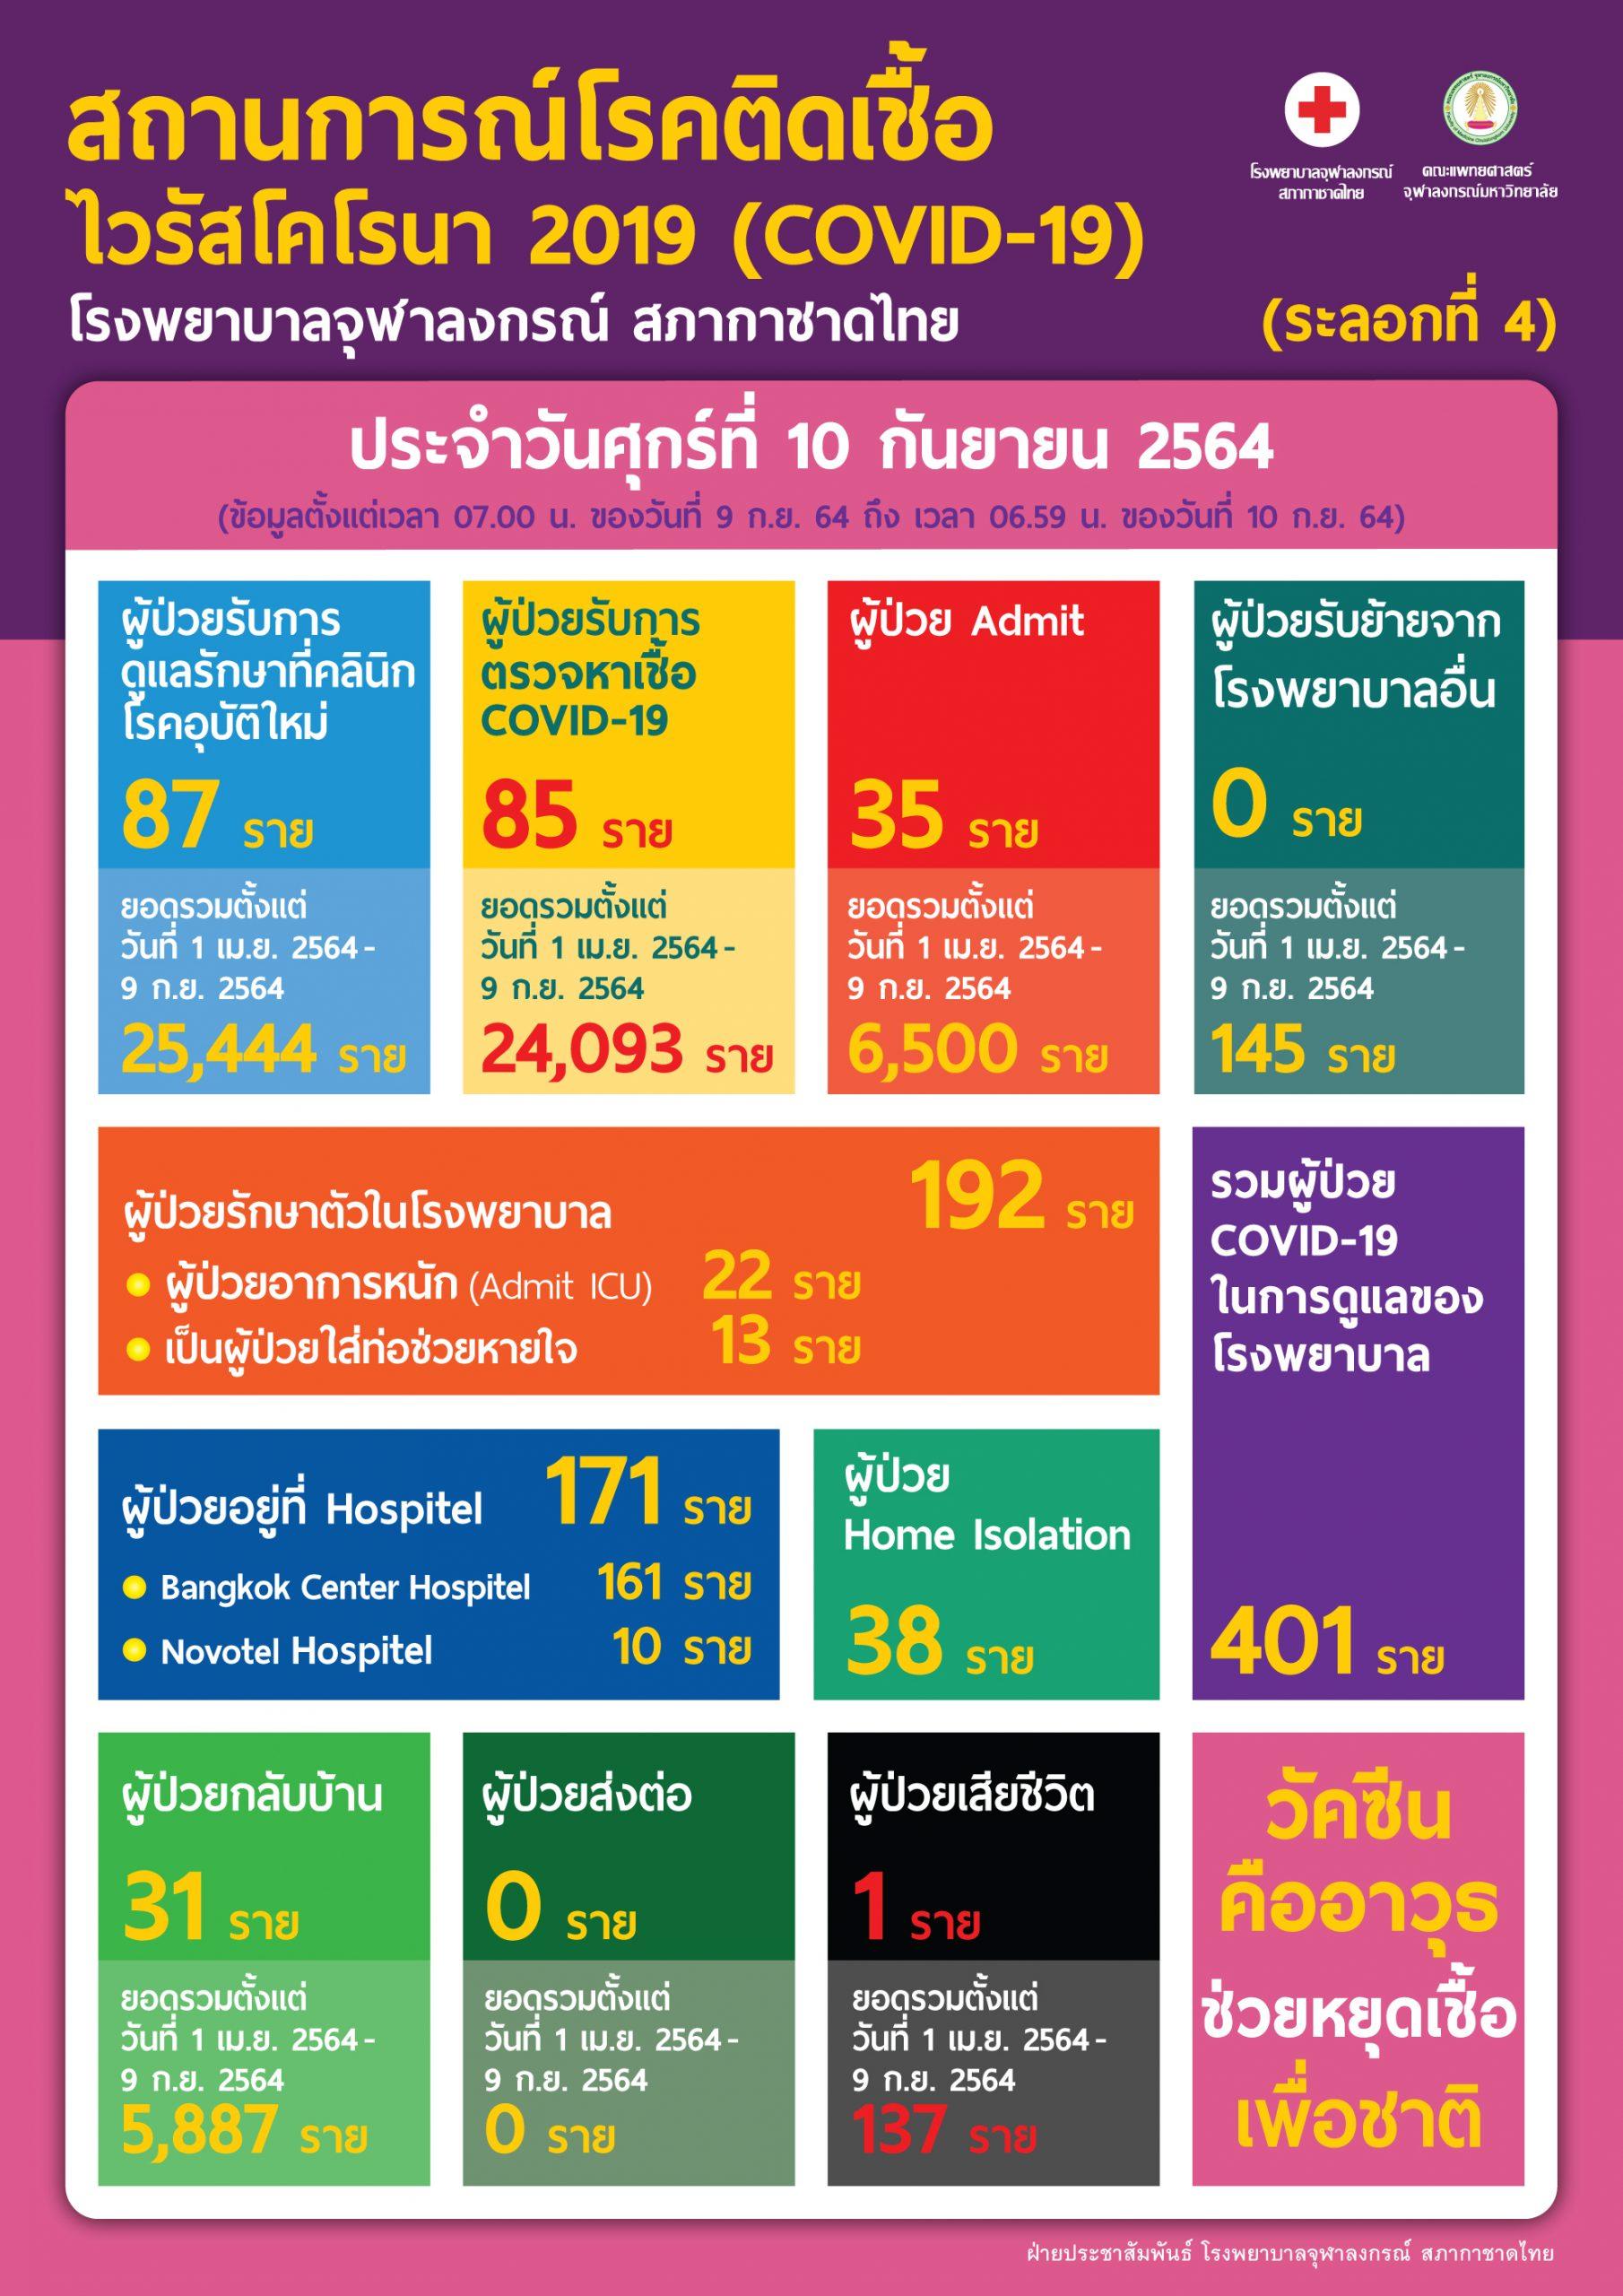 สถานการณ์โรคติดเชื้อไวรัสโคโรนา 2019 (COVID-19) (ระลอกที่ 4) โรงพยาบาลจุฬาลงกรณ์ สภากาชาดไทย ประจำวันศุกร์ที่ 10 กันยายน 2564